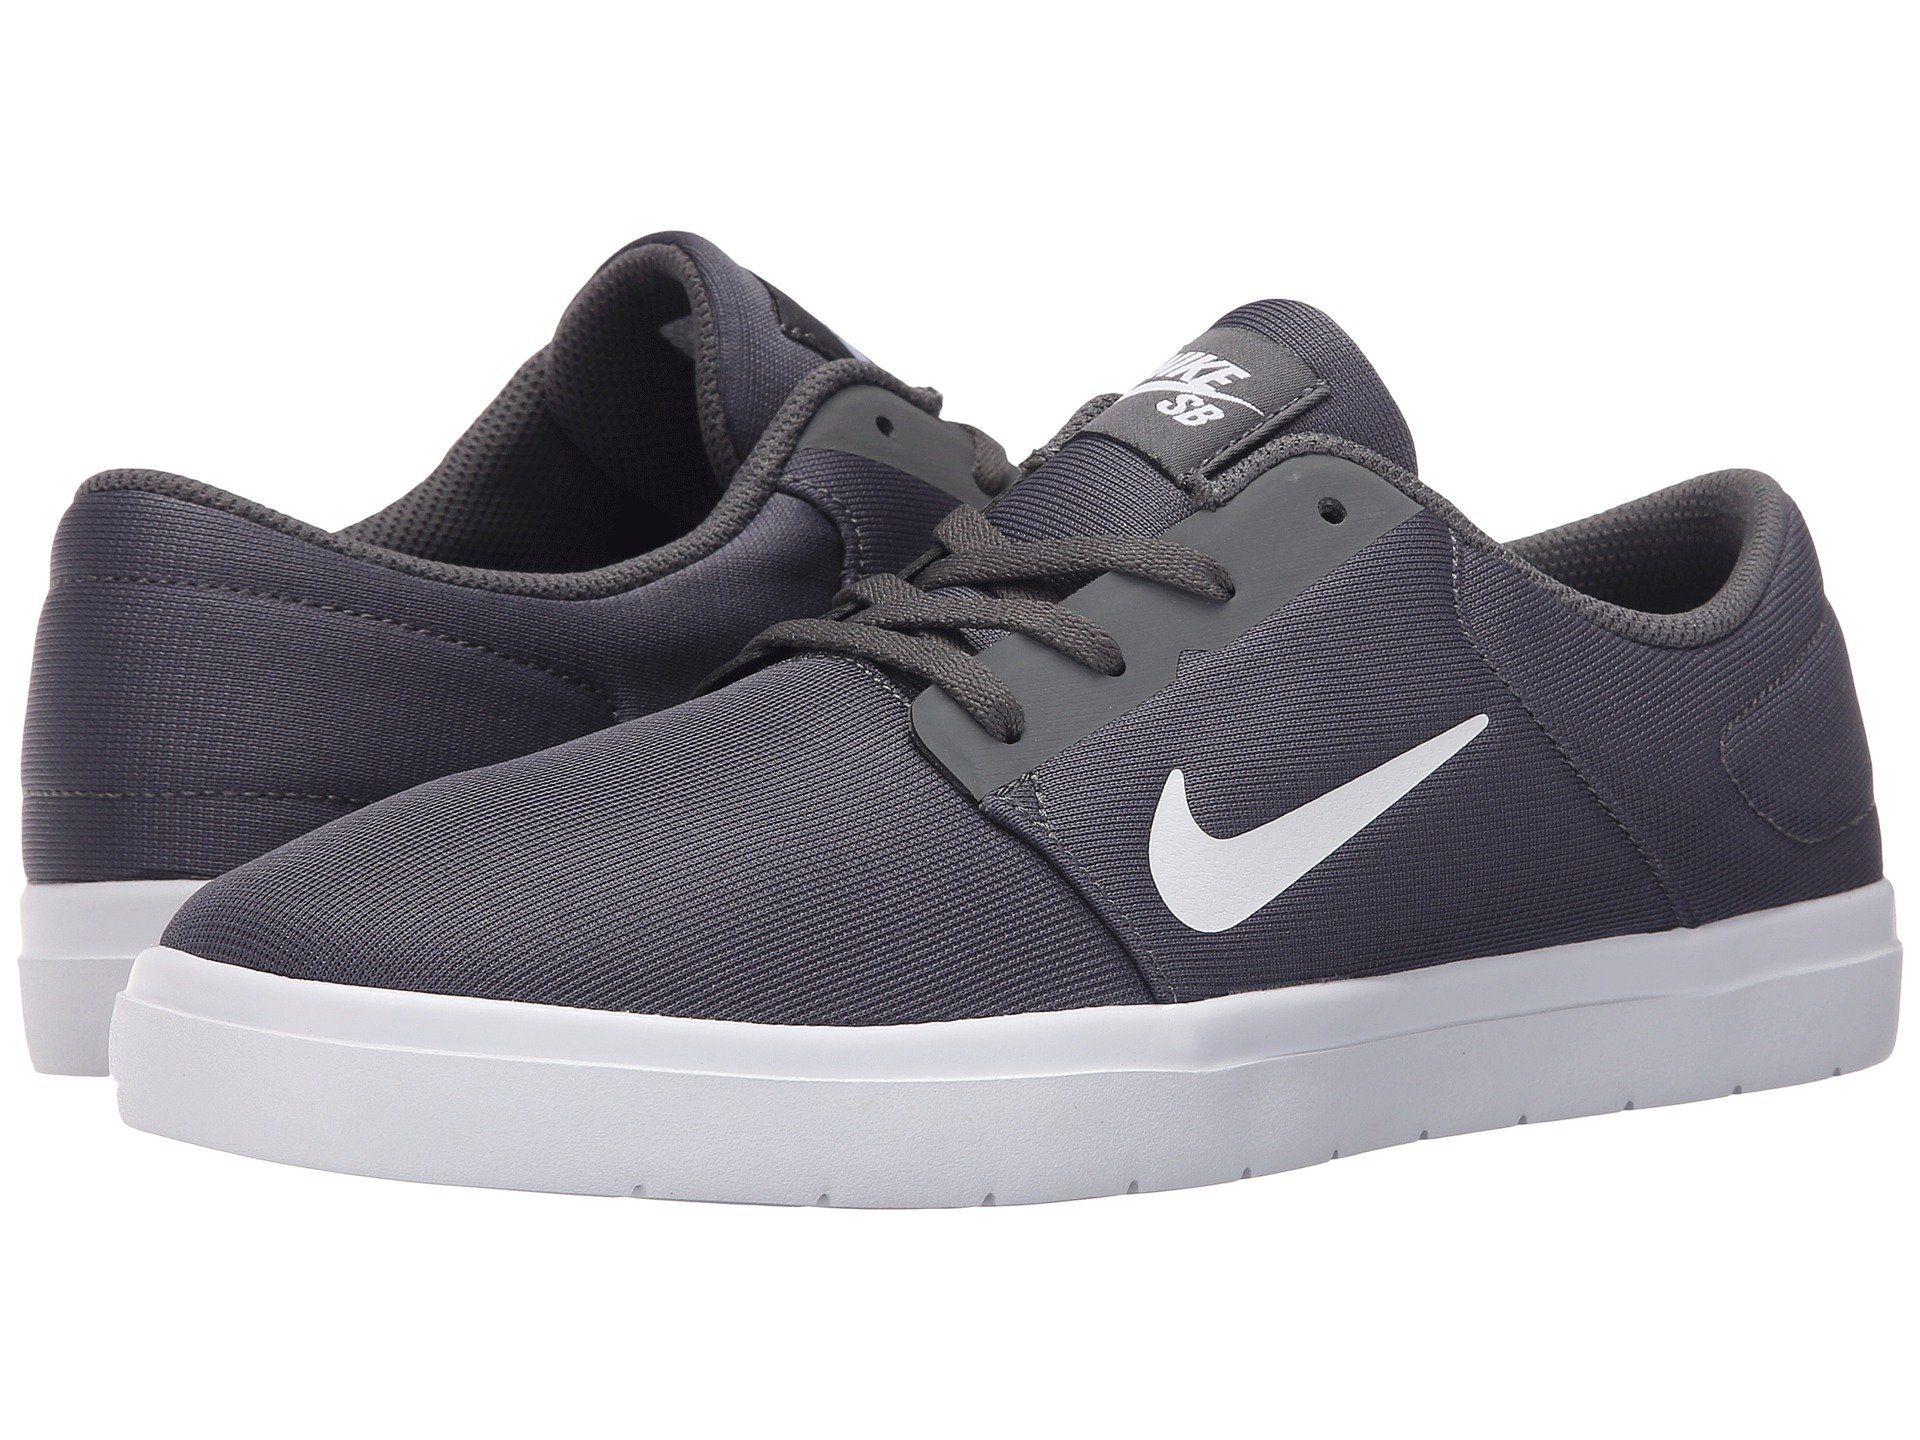 Nike Chaussures Ultra-léger De Portmore - Papier Peint En Noir Et Blanc meilleure vente jeu confortable acheter plus récent C2zID